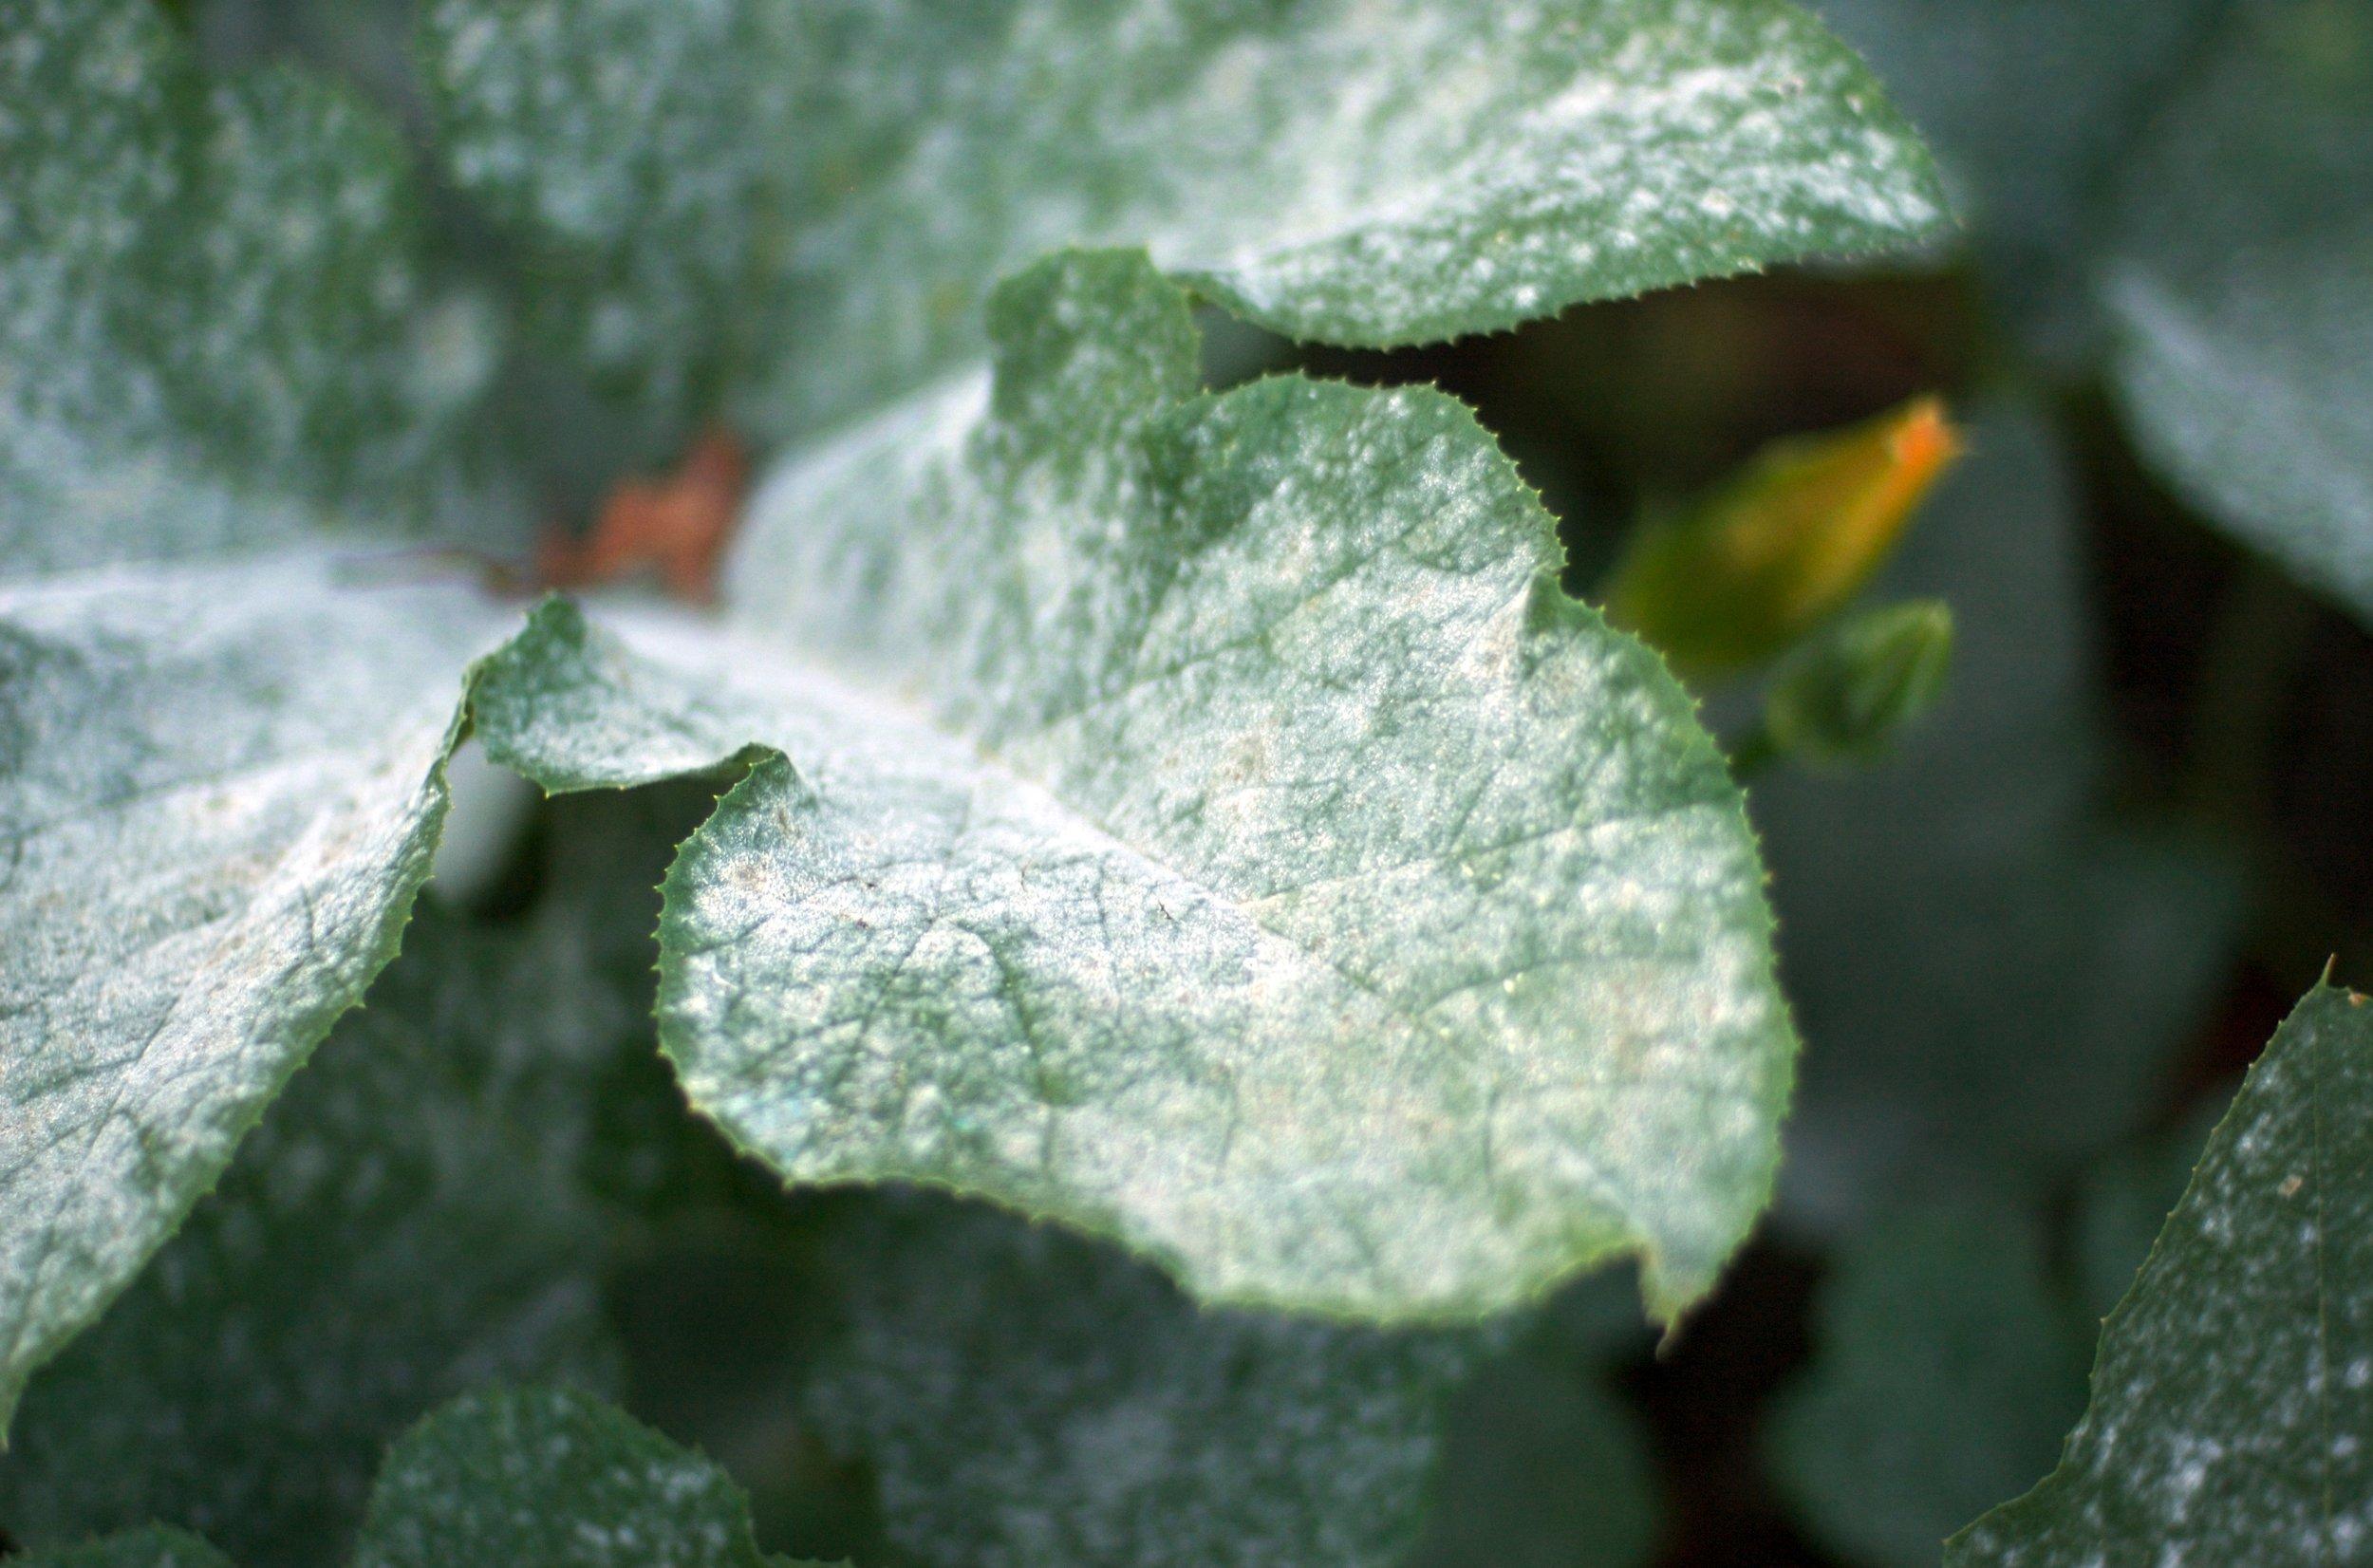 Powdery_mildew_on_pumpkin_leaves_1 full resolution.jpg